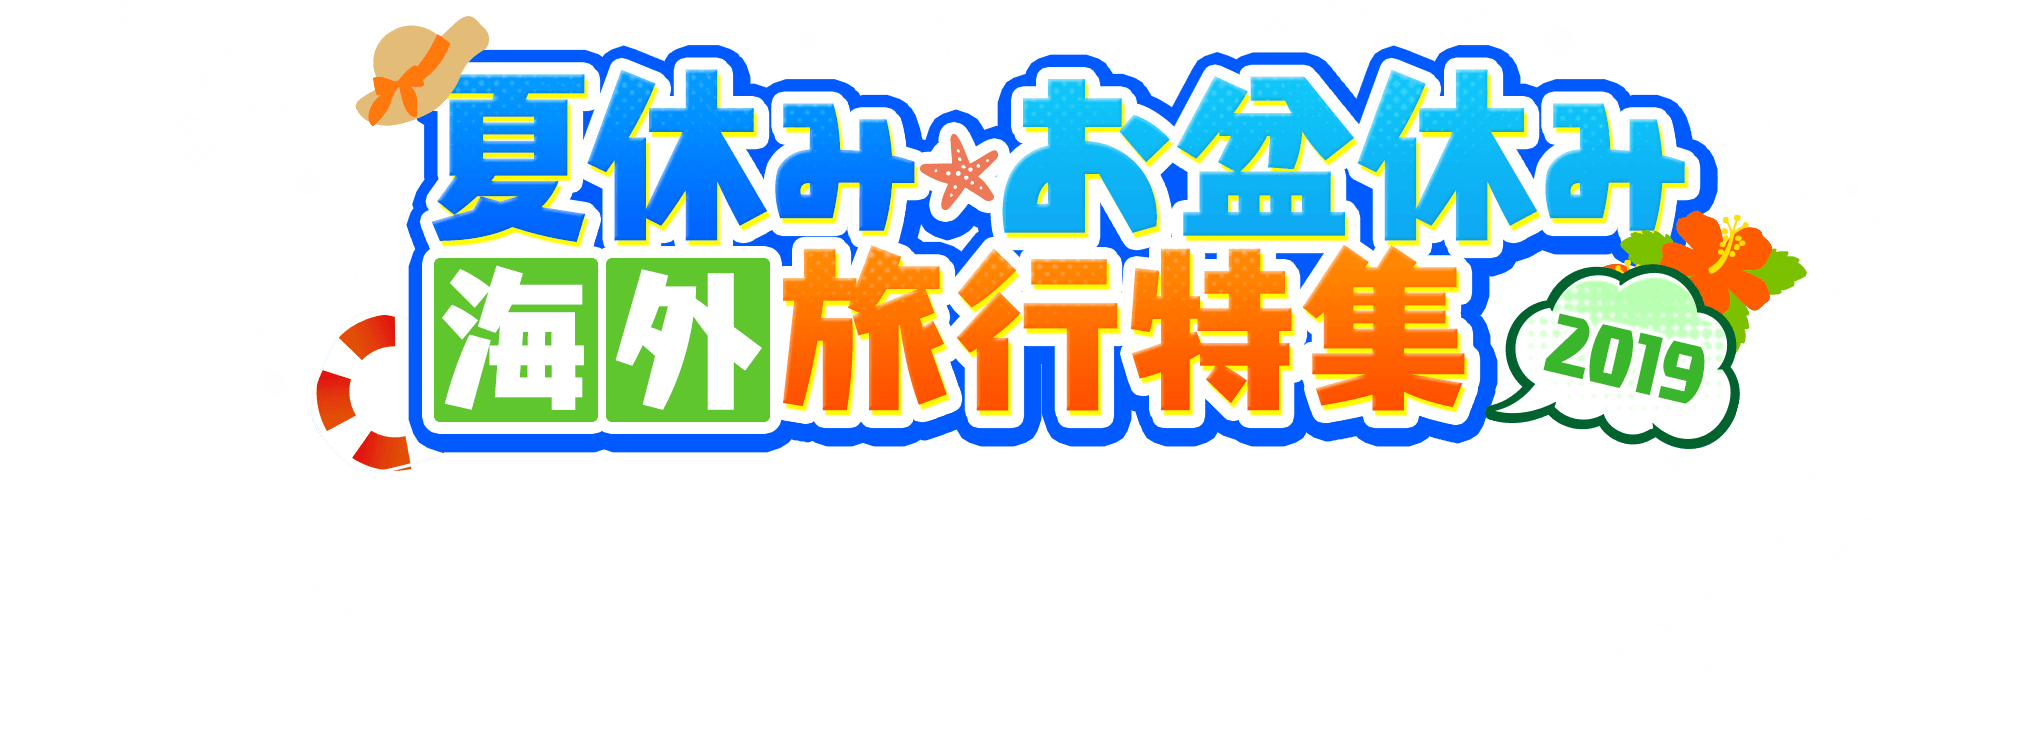 日本旅行夏休み特集